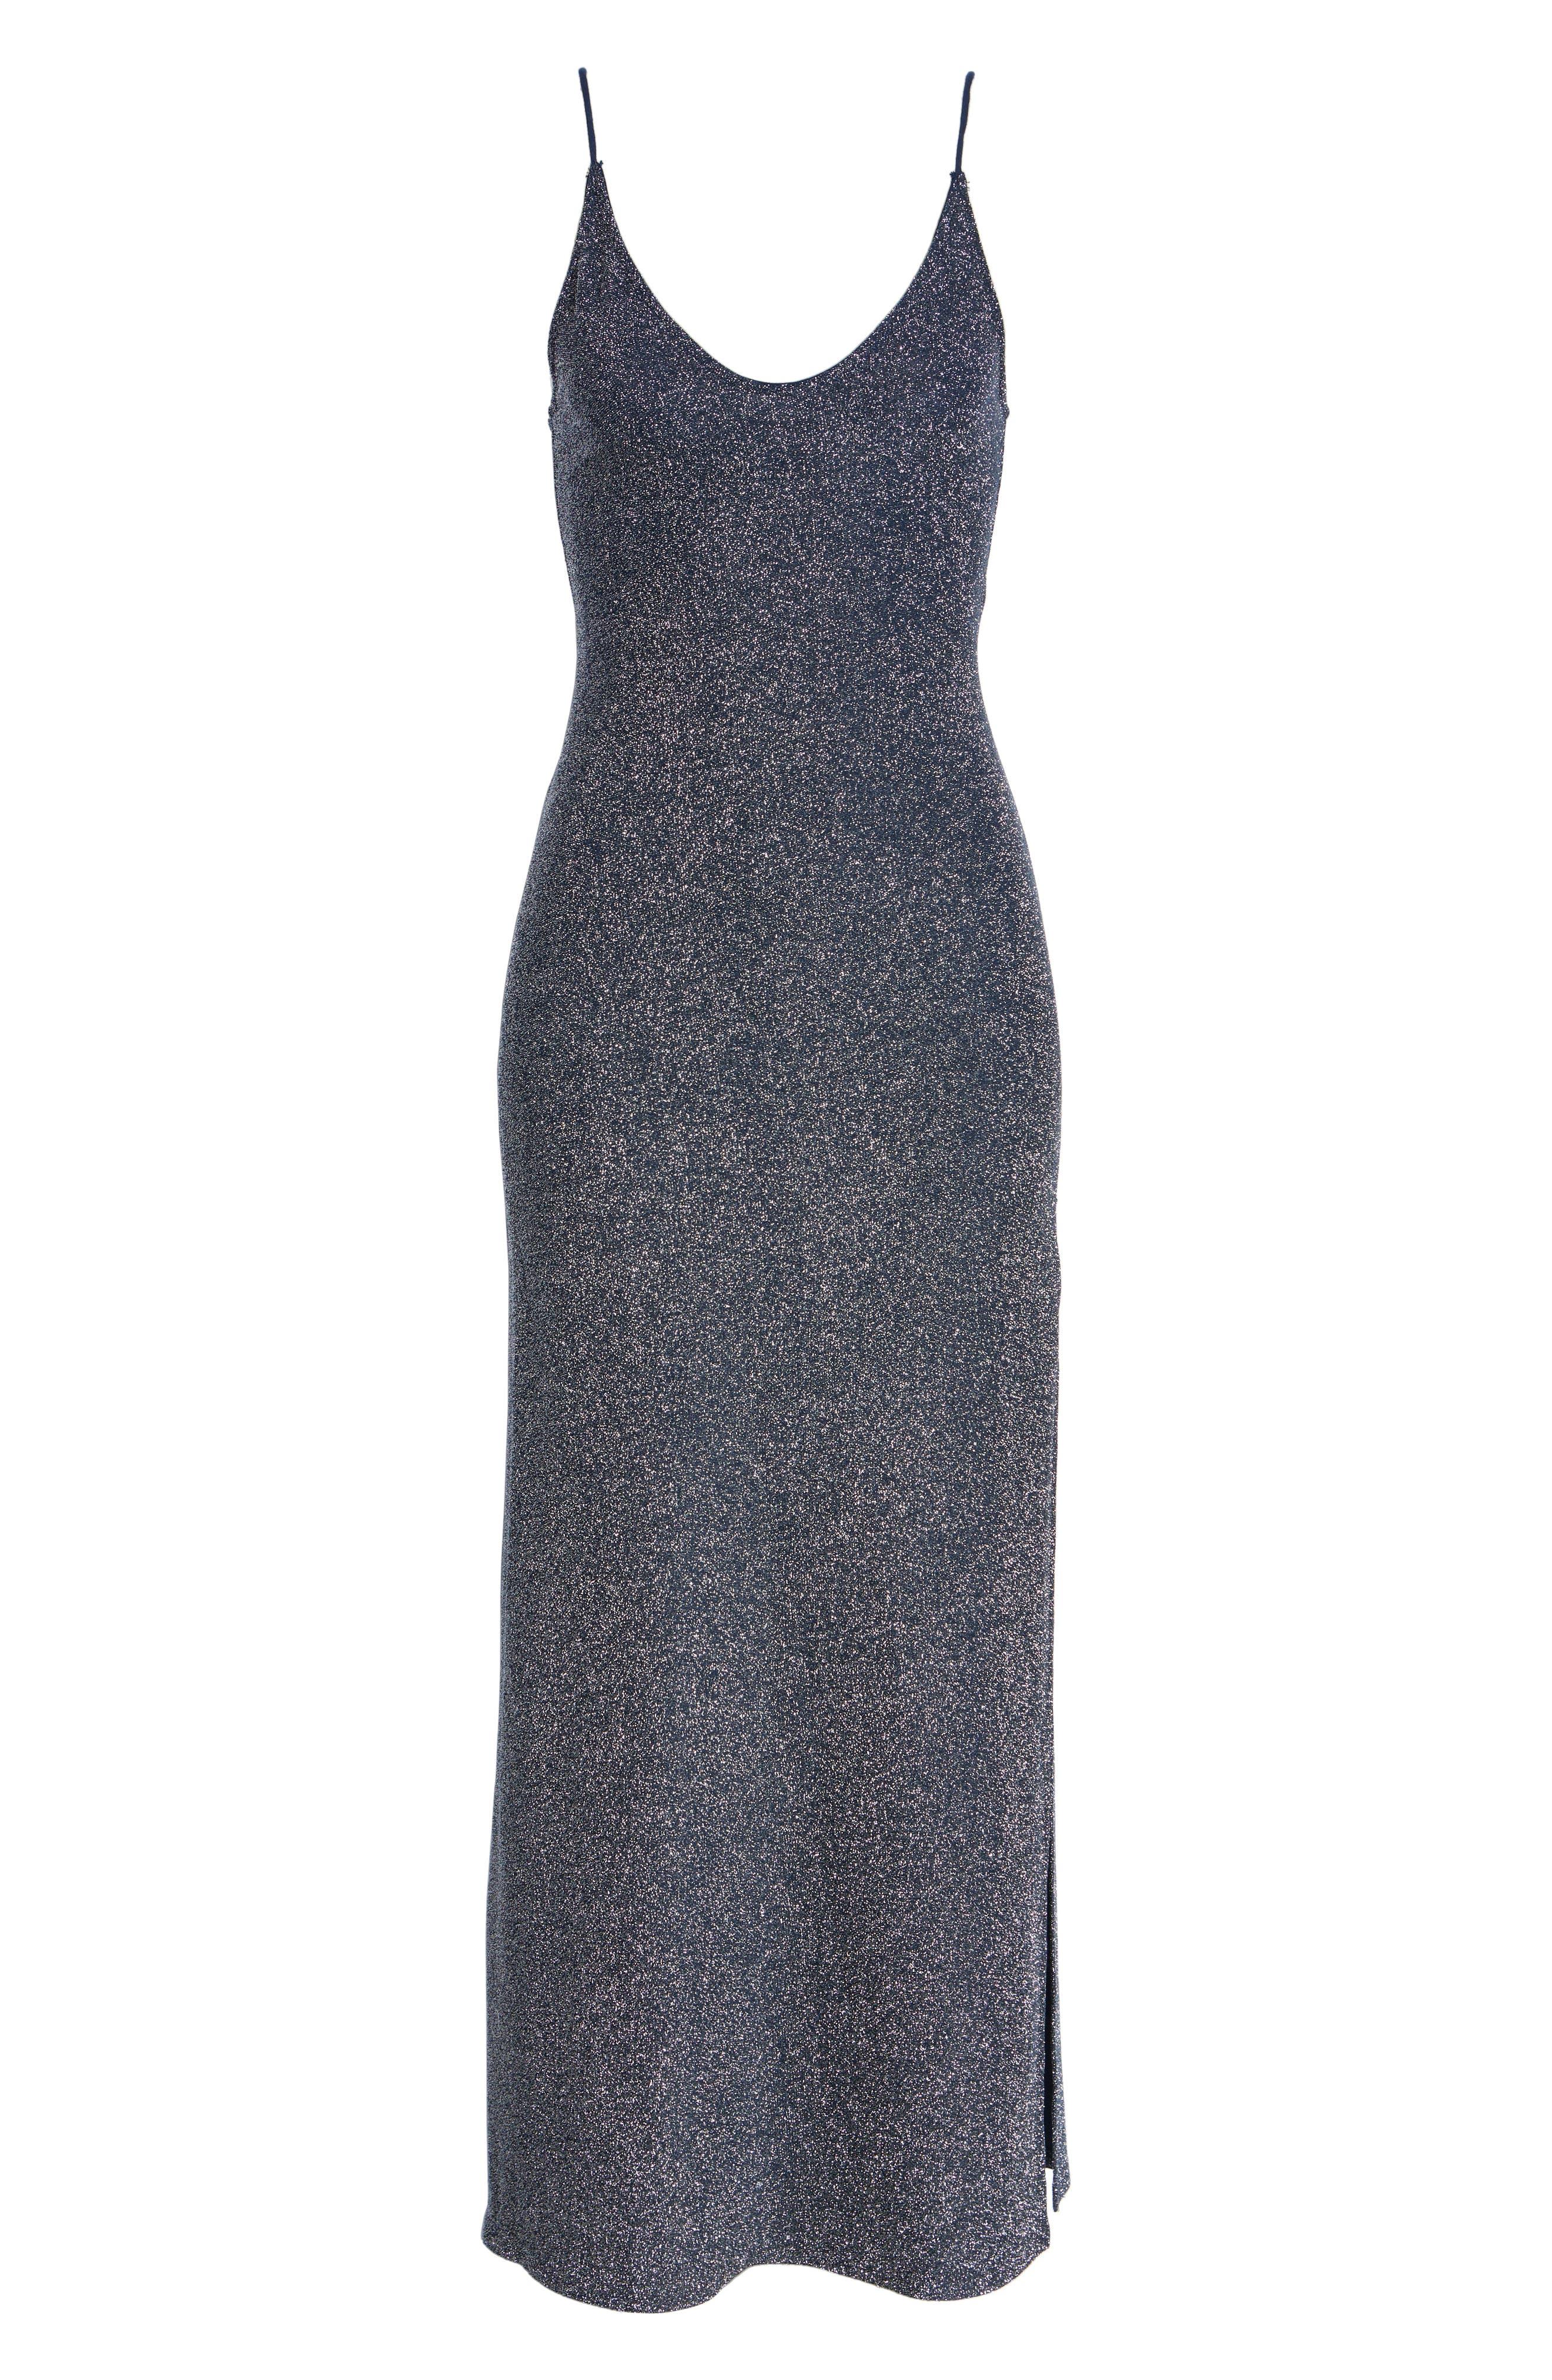 Lola Glitter Maxi Dress,                             Alternate thumbnail 8, color,                             020